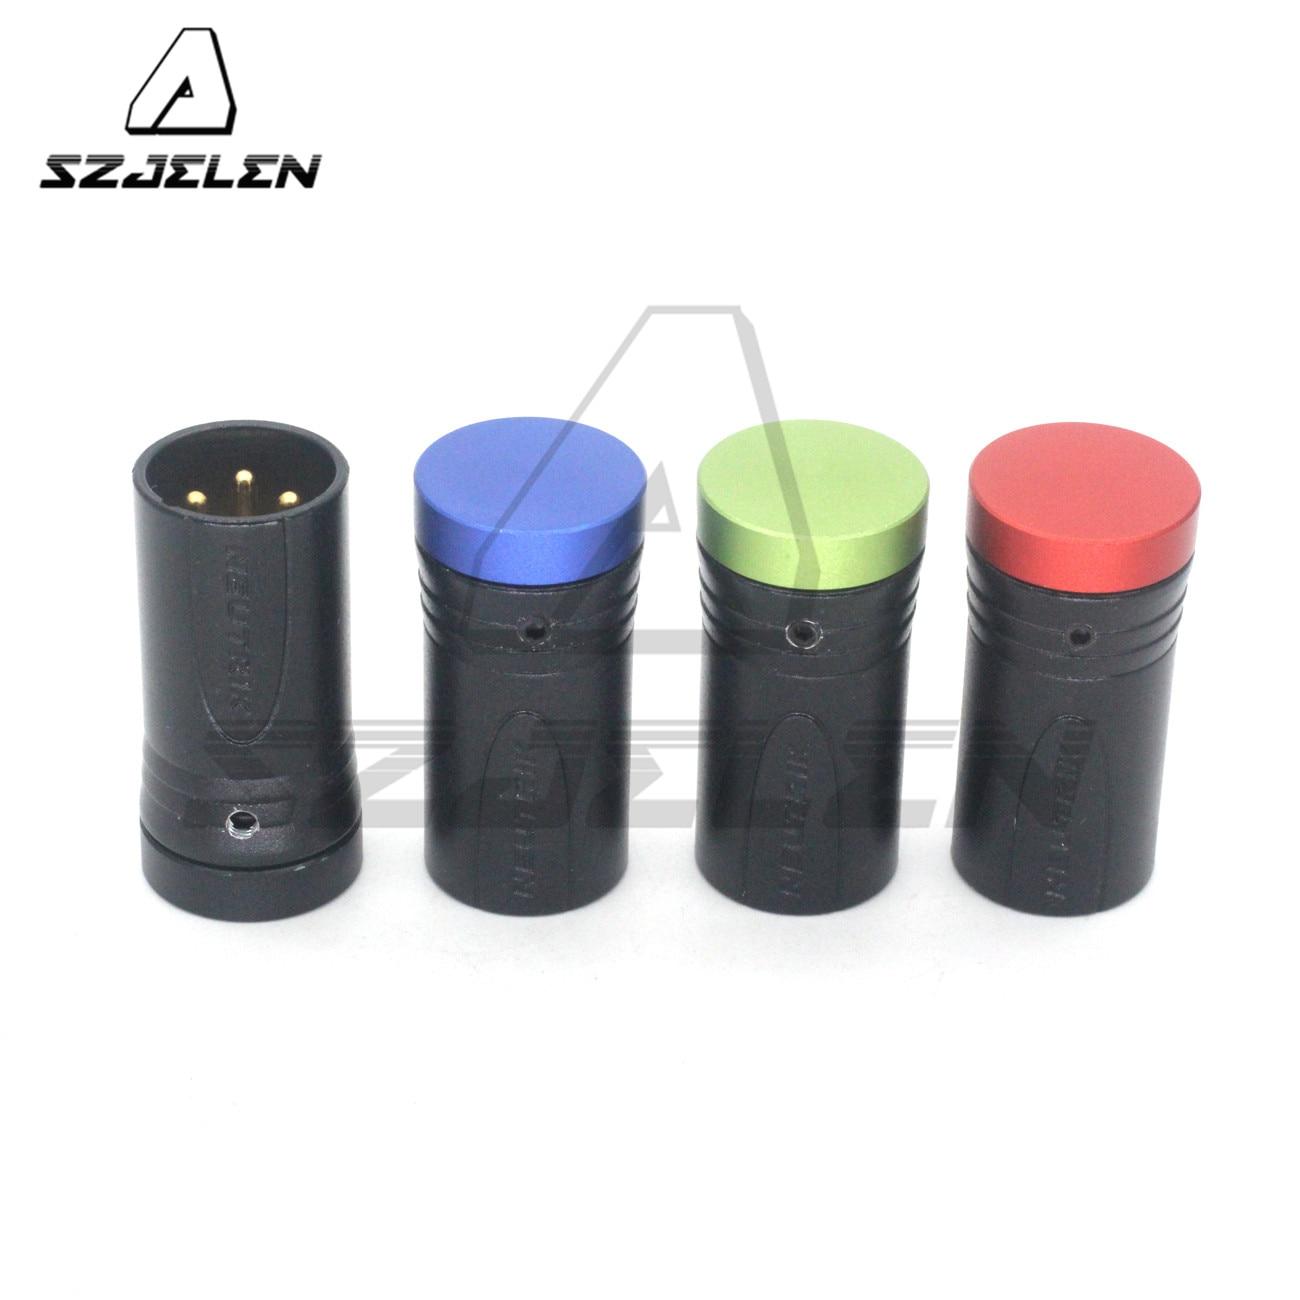 أحمر أزرق أسود أخضر منخفض الملف الشخصي XLR NEUTRIK 3pin XLR وصلات صوت الذكور